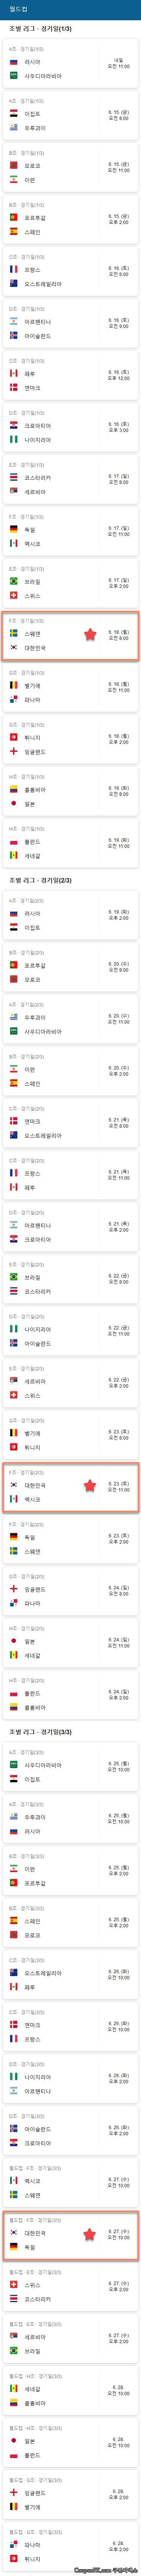 러시아-월드컵-일정.jpg